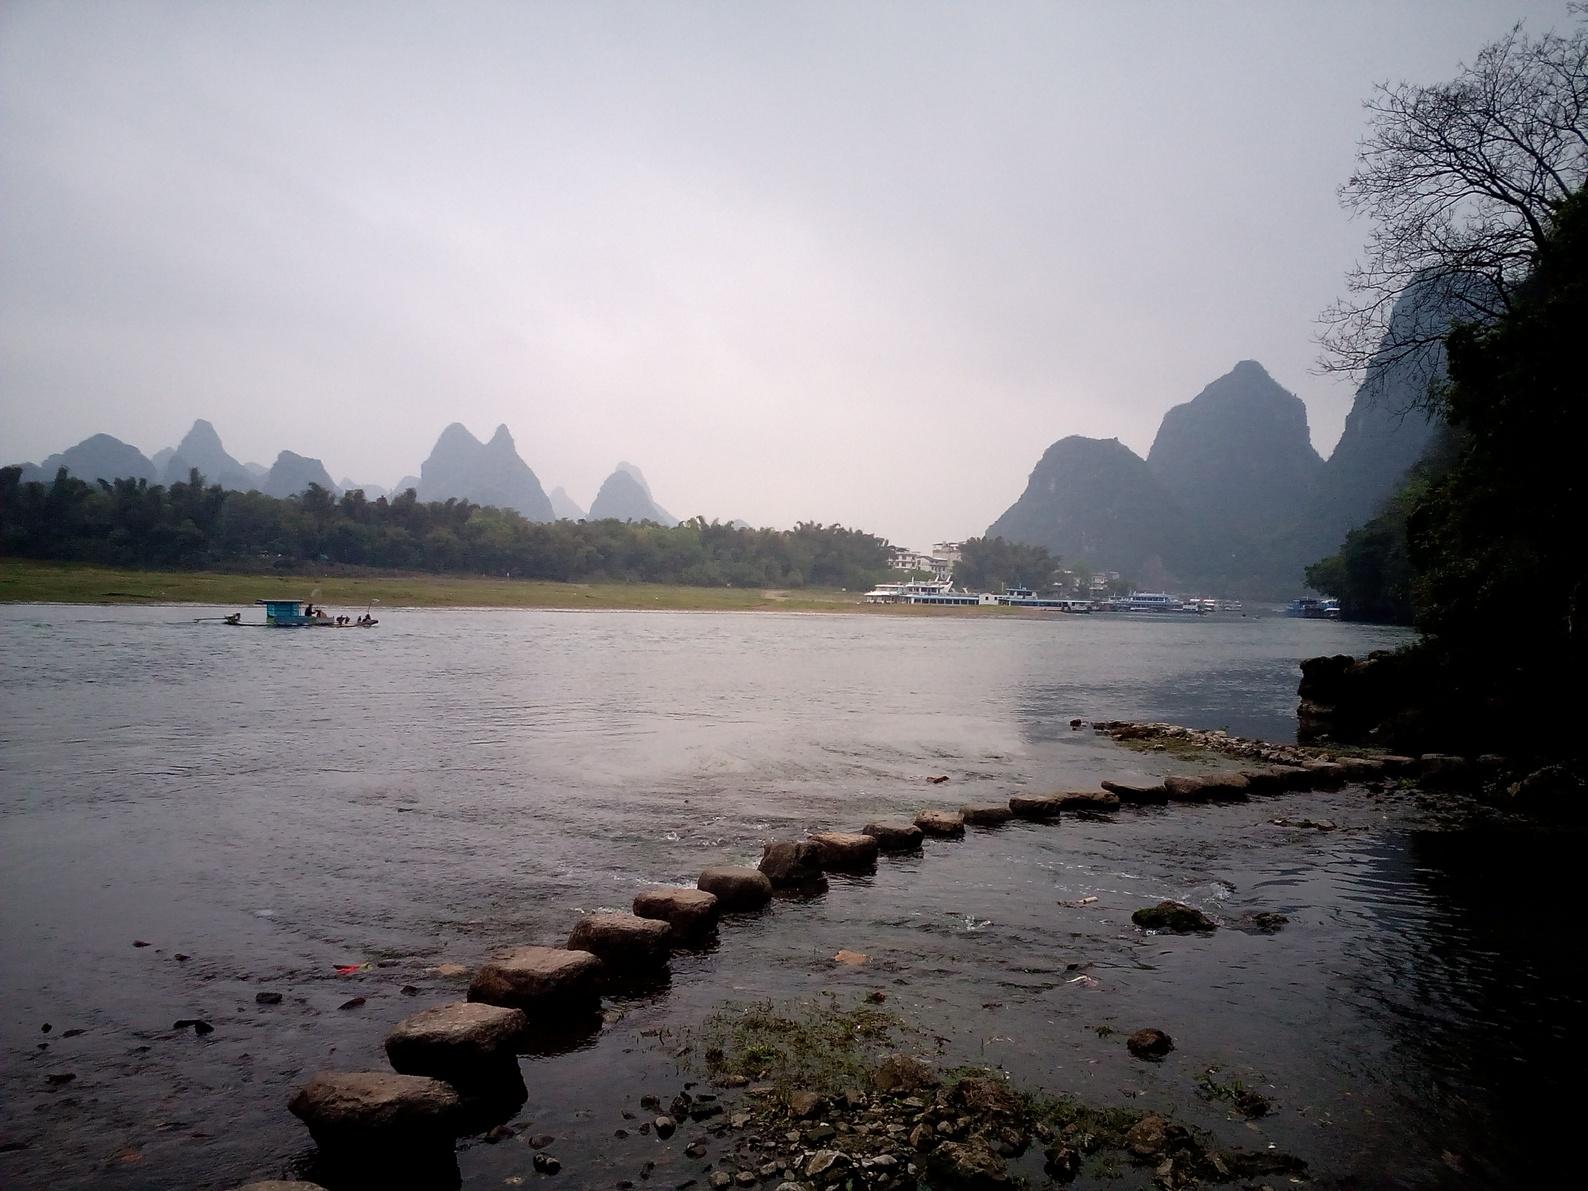 Li Jiang, Yangshuo, guangxi, China